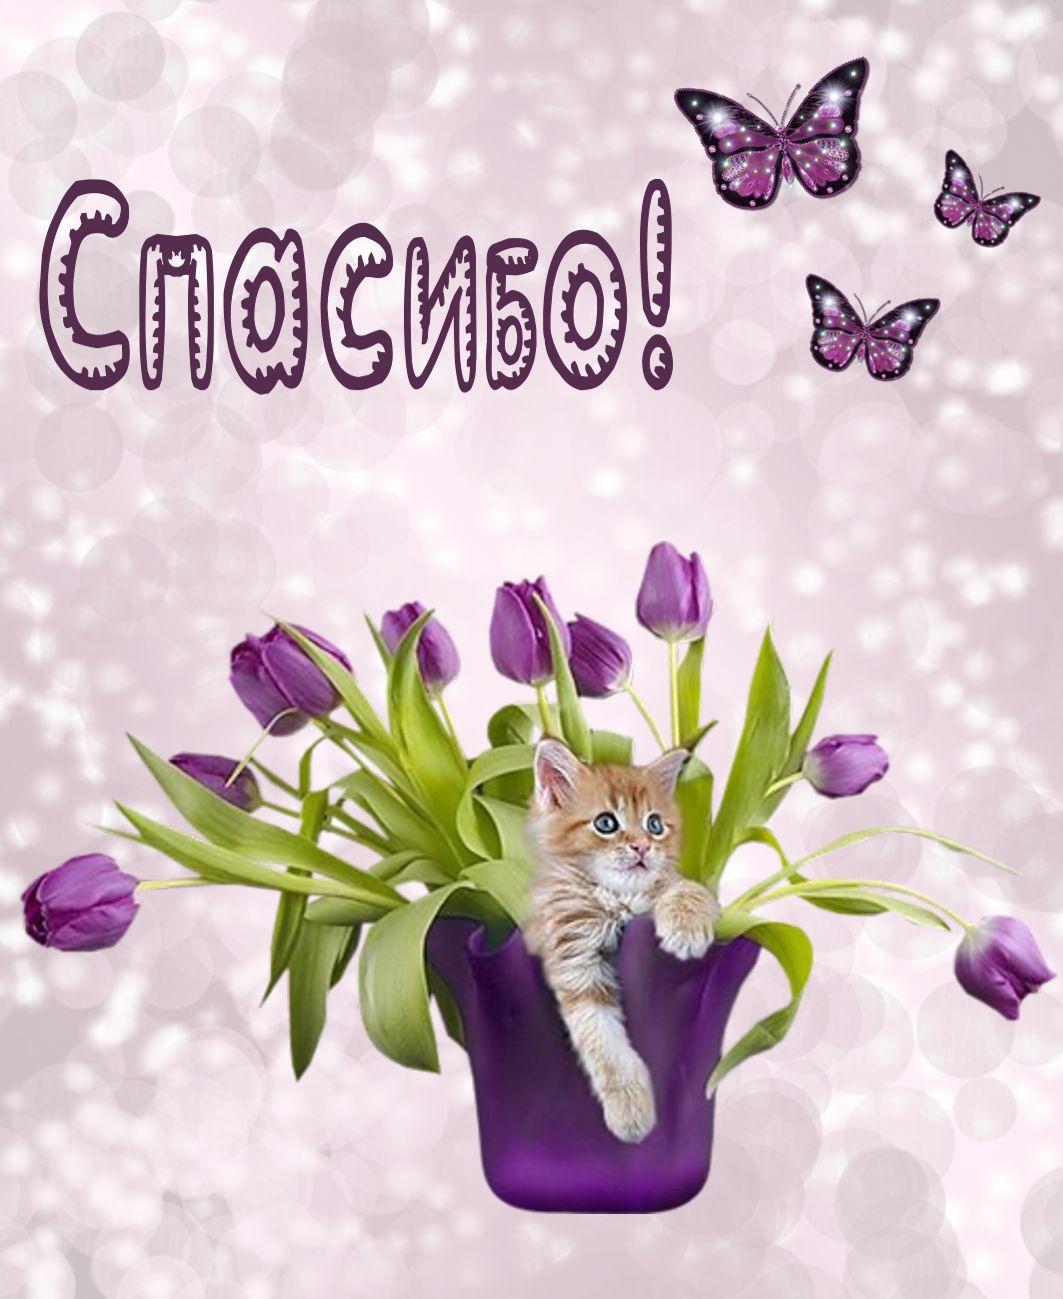 Открытка спасибо - котик в вазе с тюльпанами